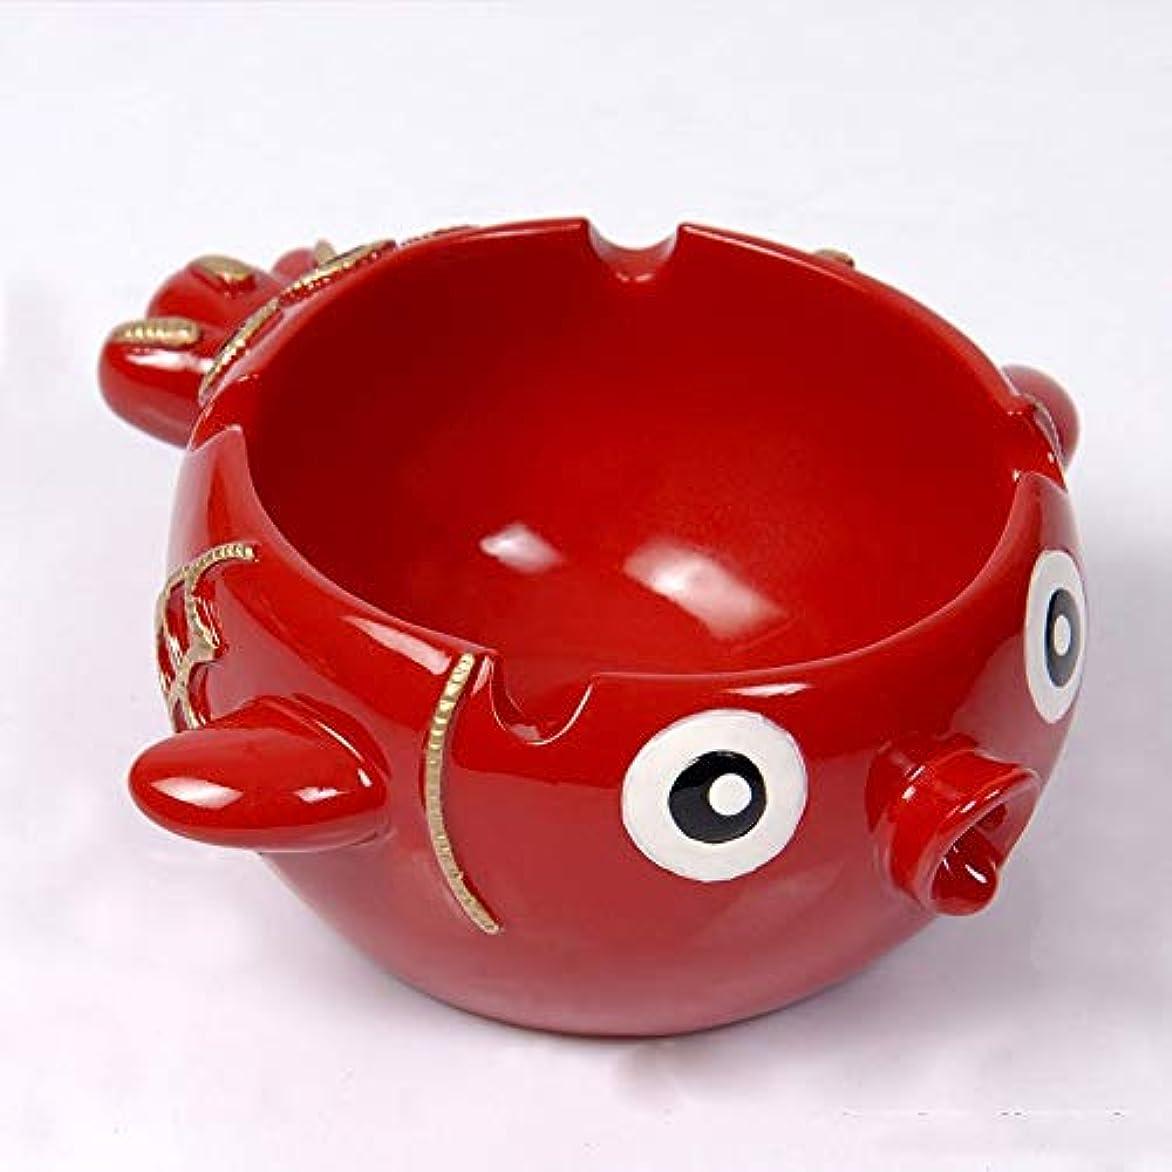 マインド歪めるリブタバコ、ギフトおよび総本店の装飾のための灰皿の円形の光沢のある樹脂の灰皿